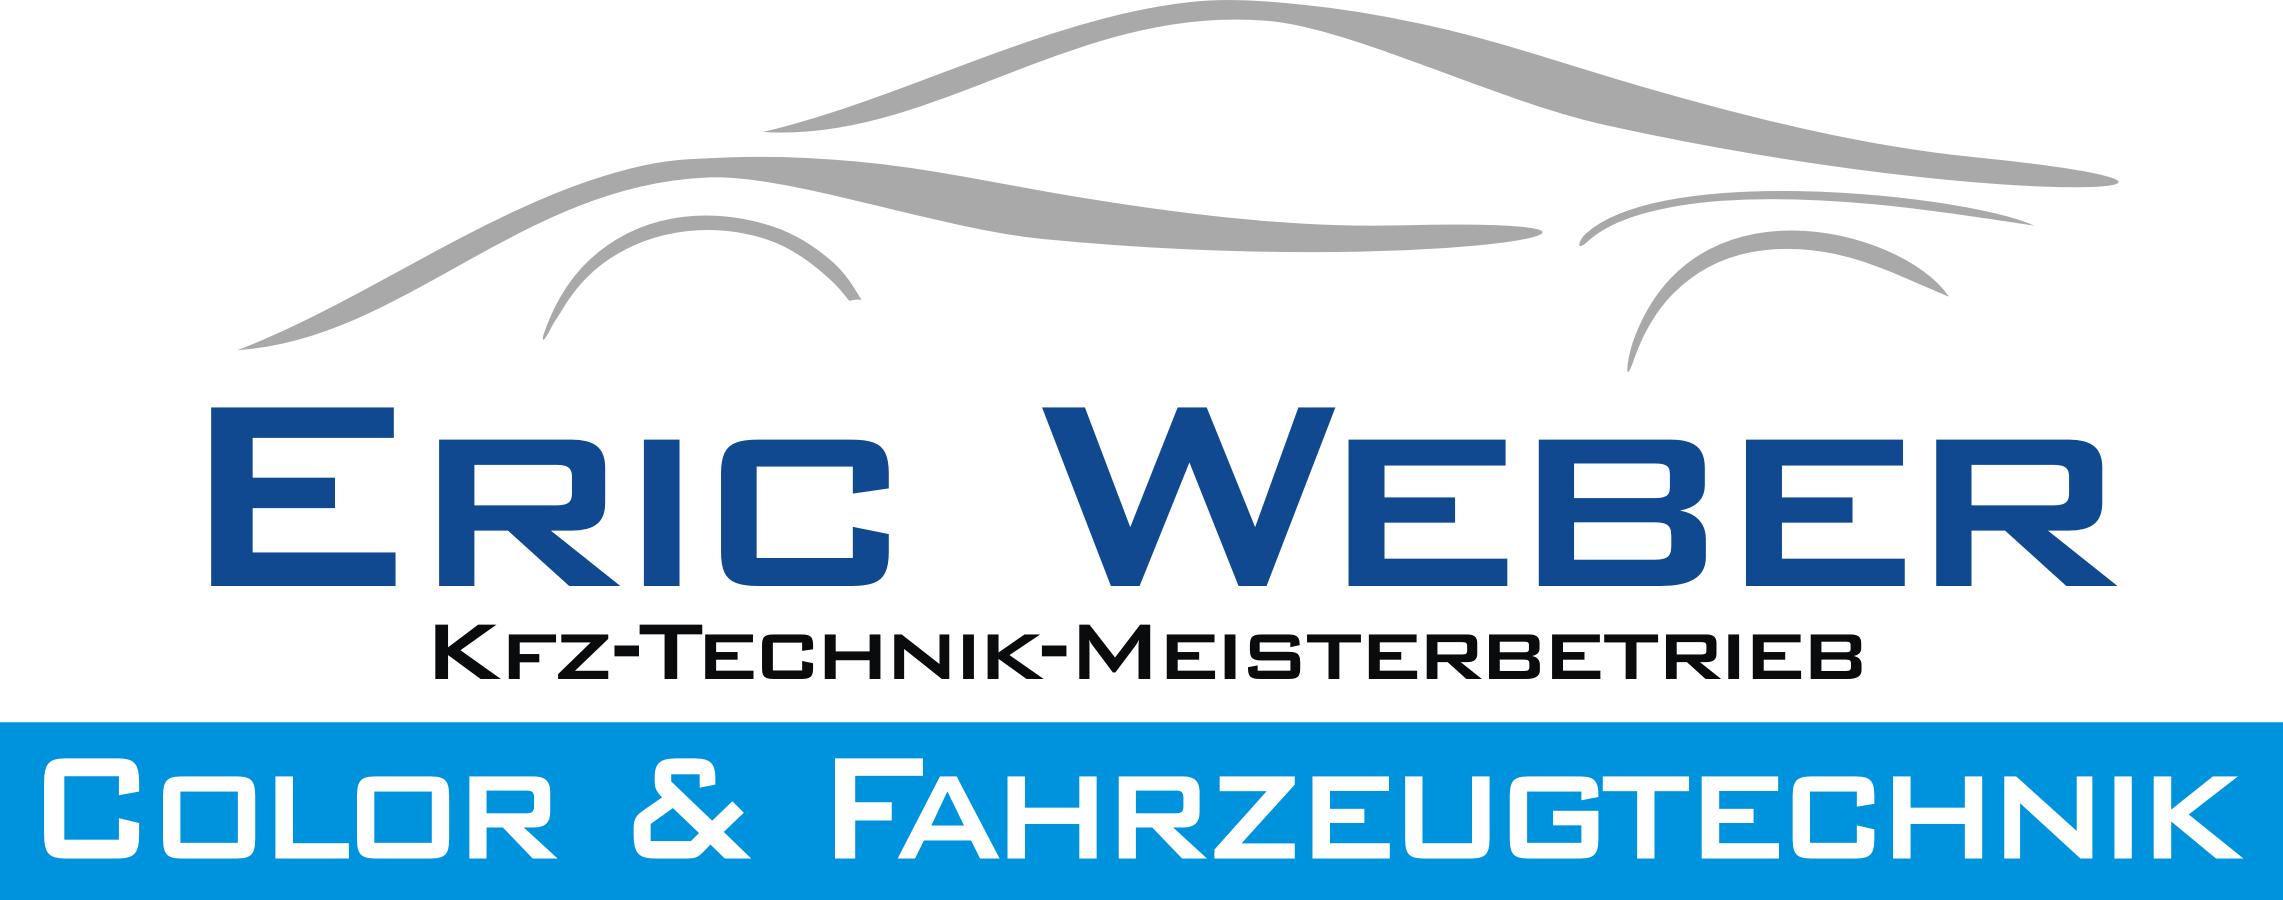 Eric Weber Color & Fahrzeugtechnik